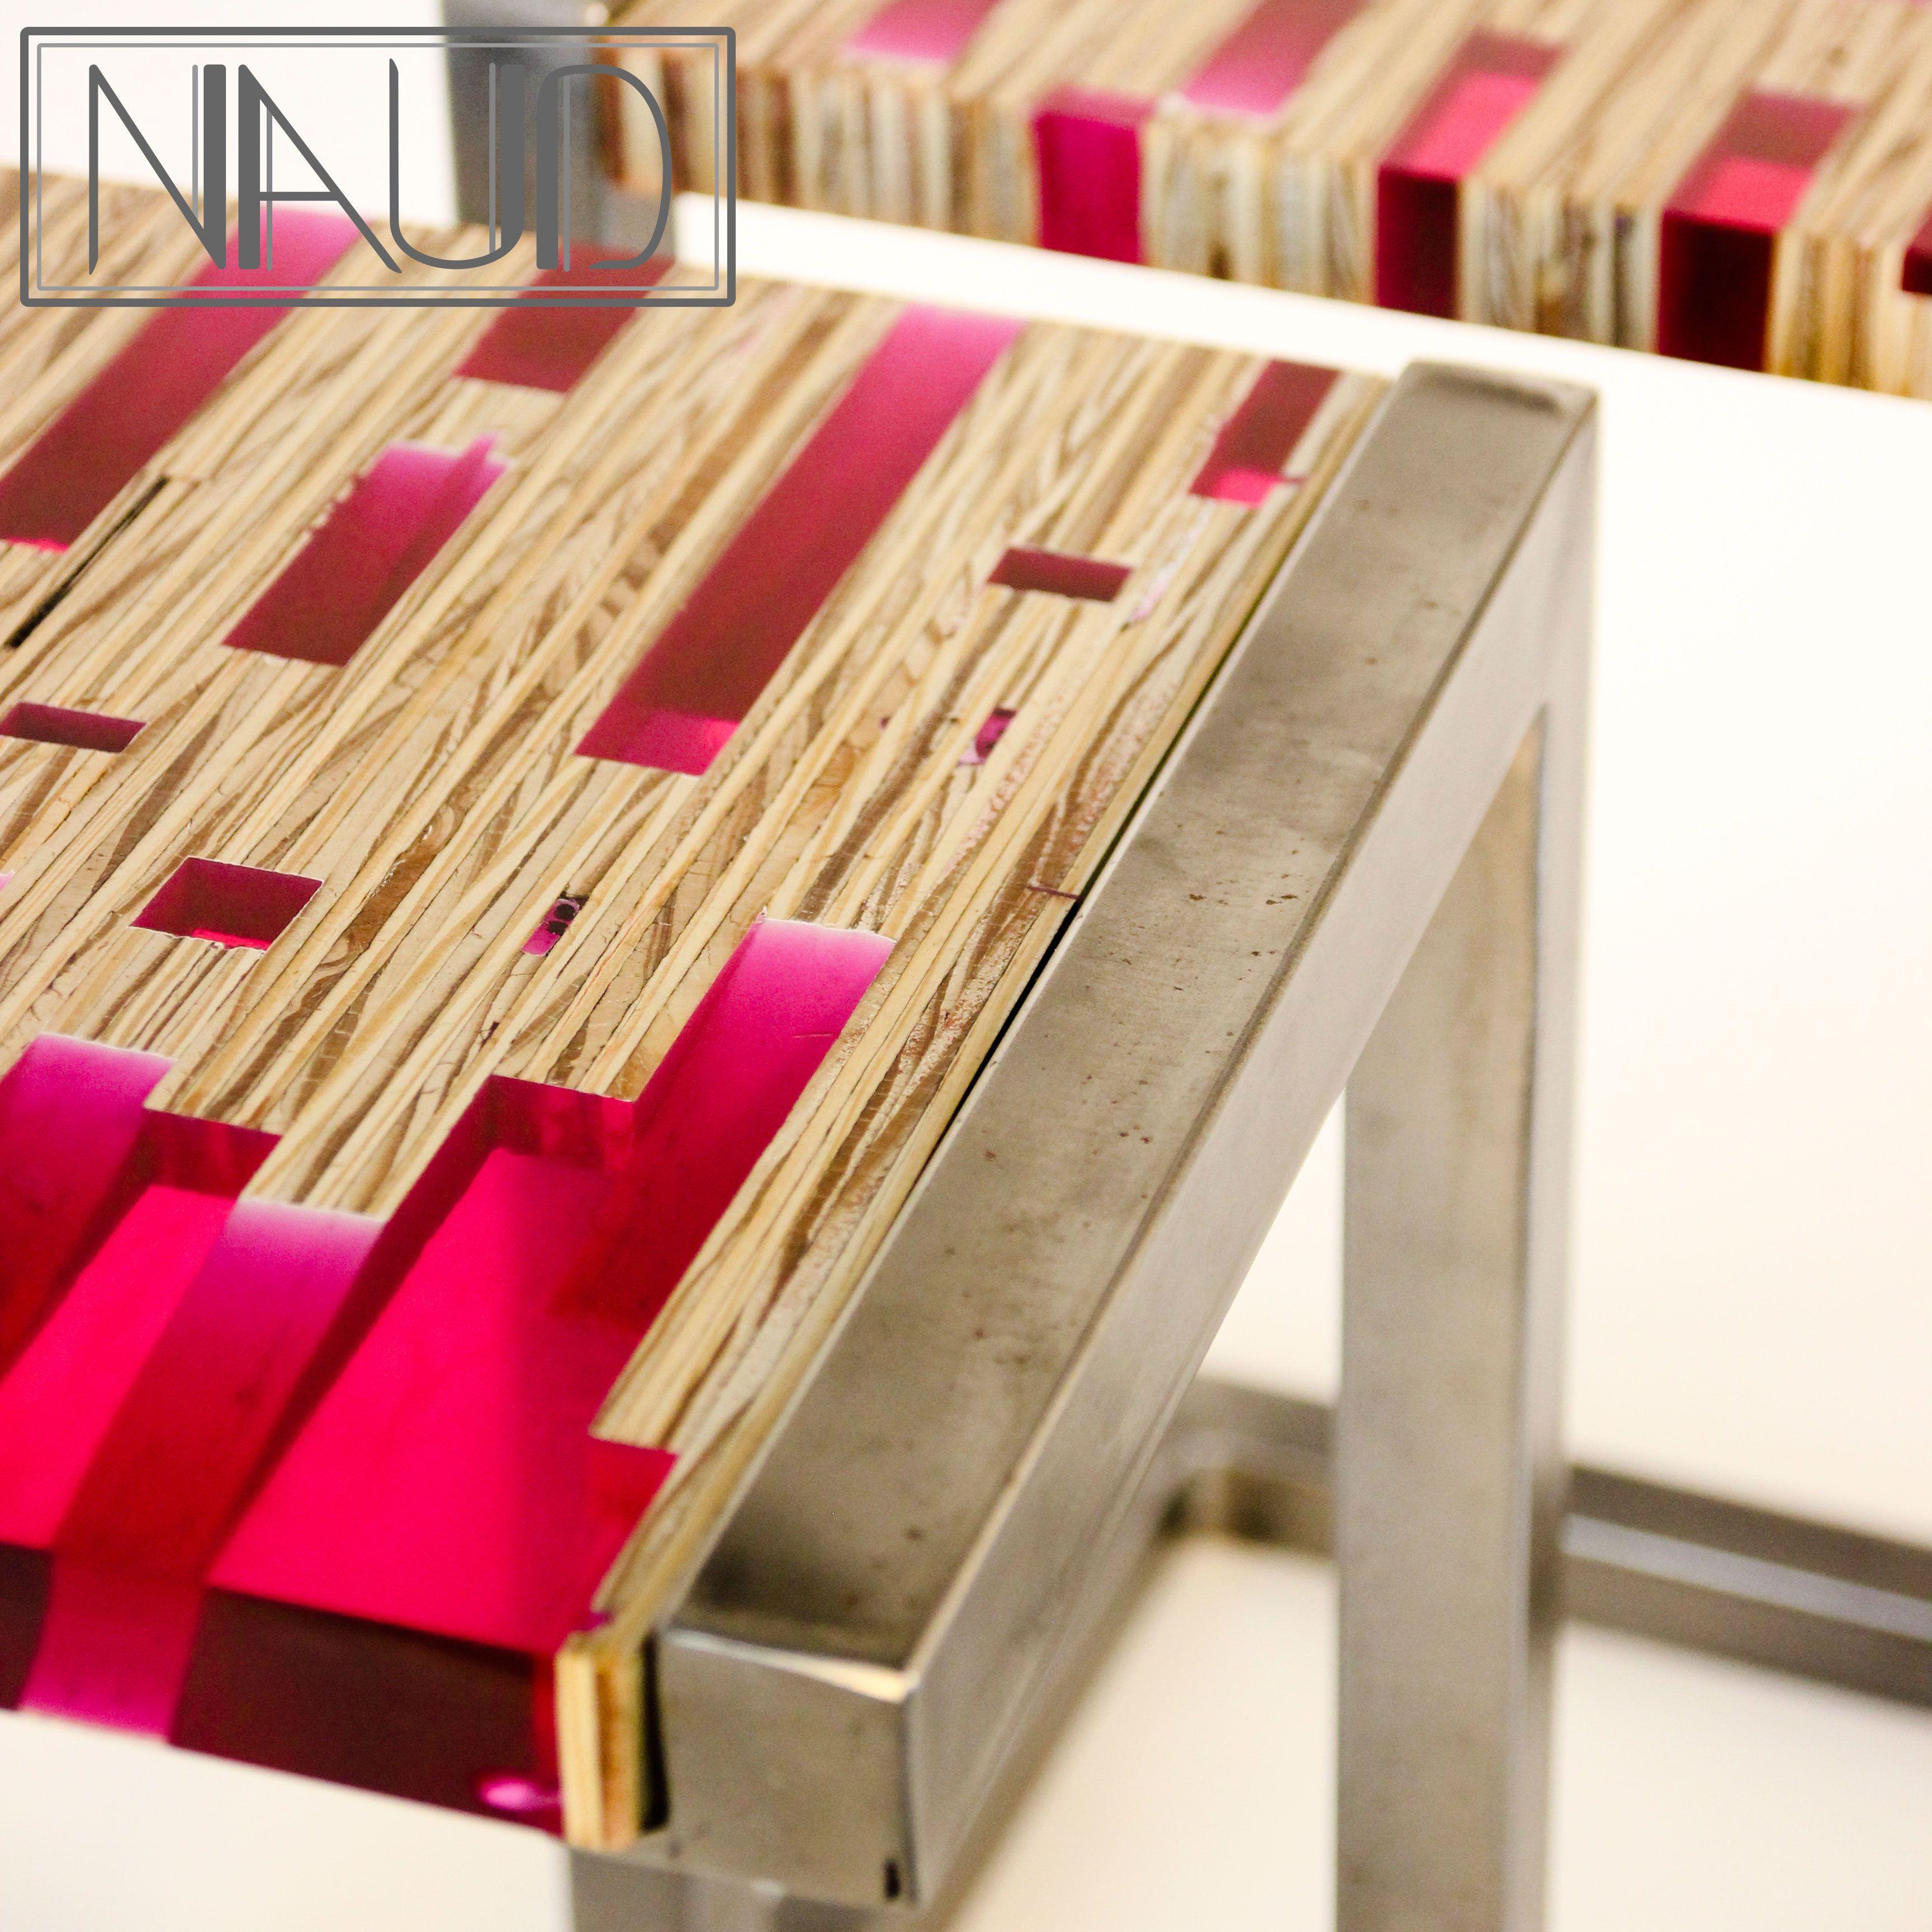 Resine Pour Peindre Meuble Bois guéridons 1, détail du plateau avec son mélange de bois et